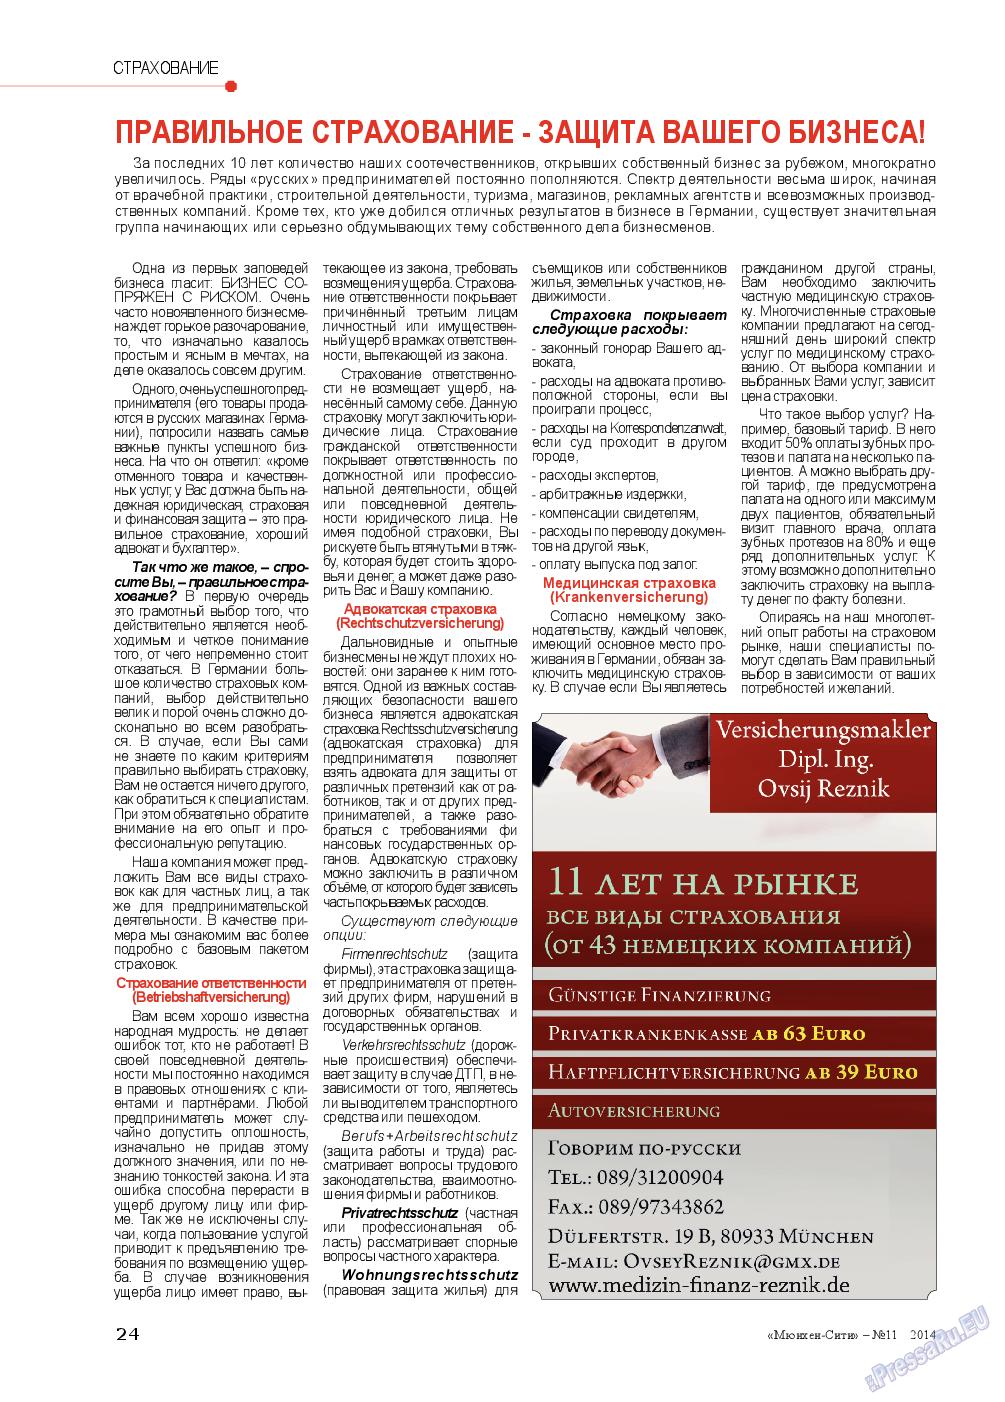 Мюнхен-сити (журнал). 2014 год, номер 11, стр. 24